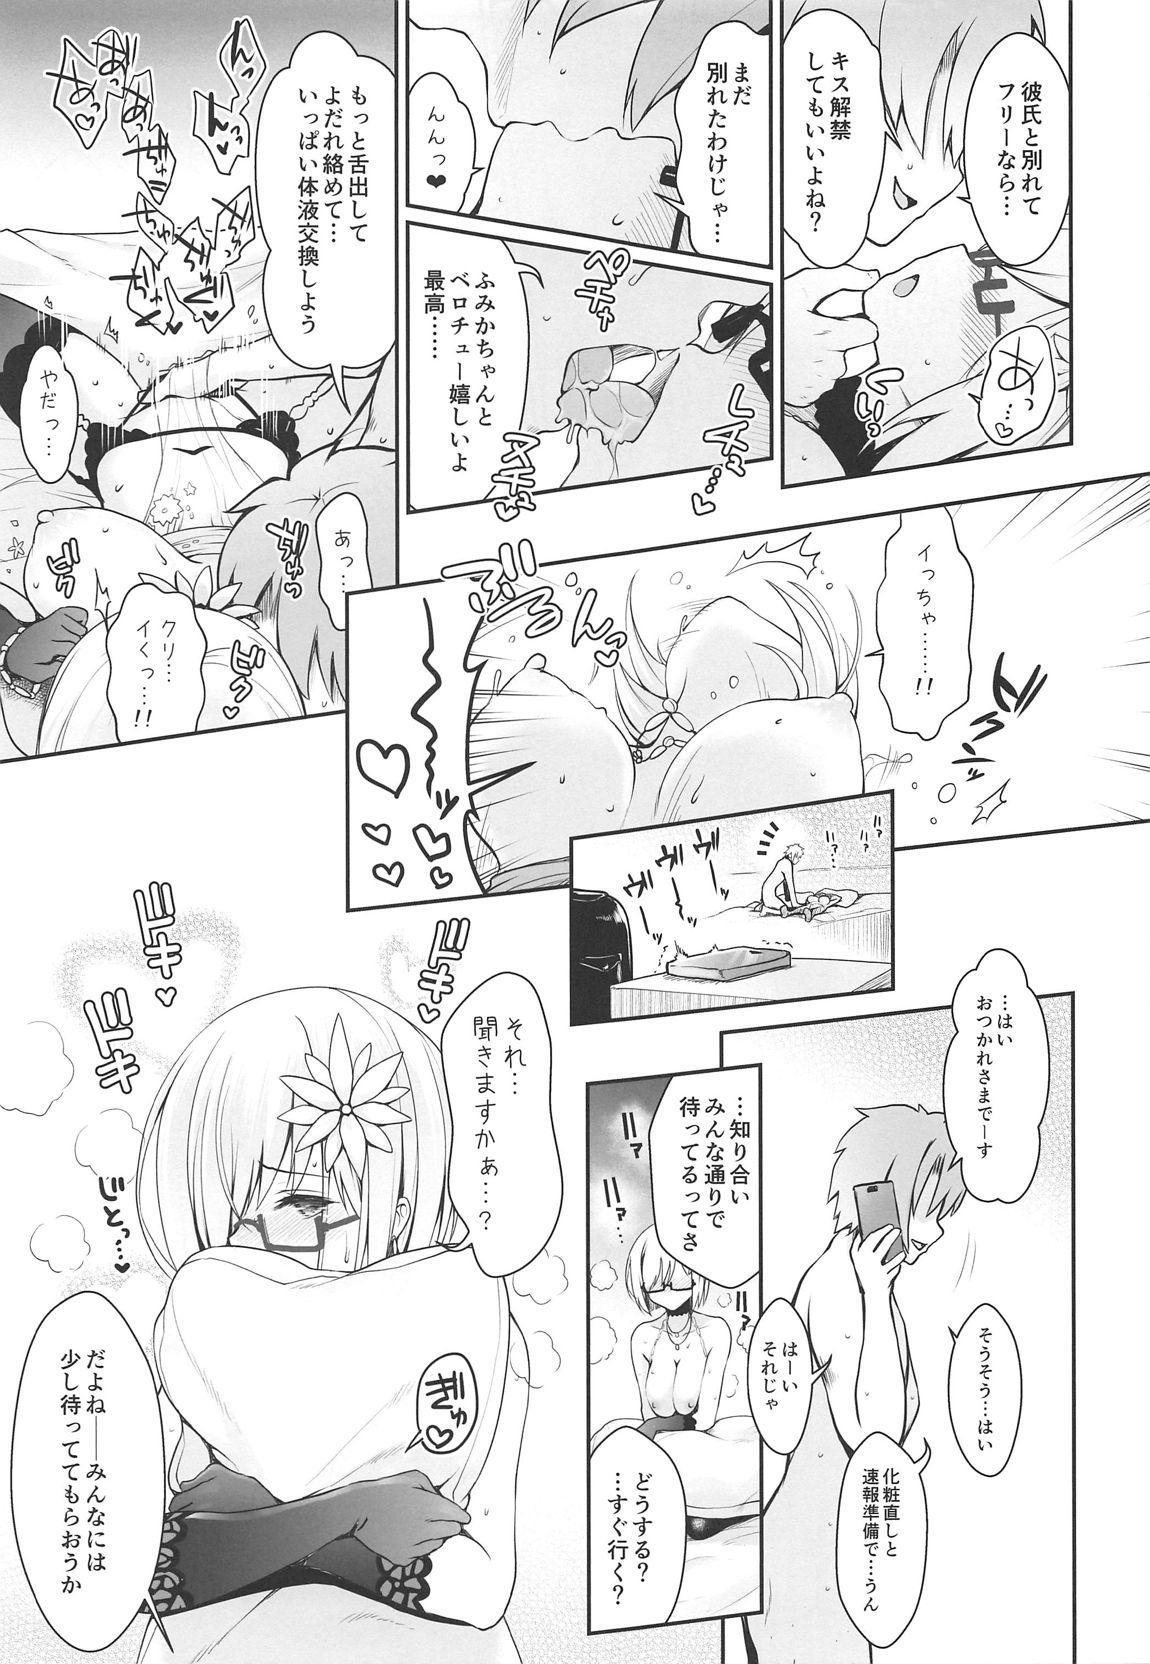 Purupuru Yurasu H-Cup Namachichi Hobo Marudashi Layer Icha Love Rojou CosEve Date 13